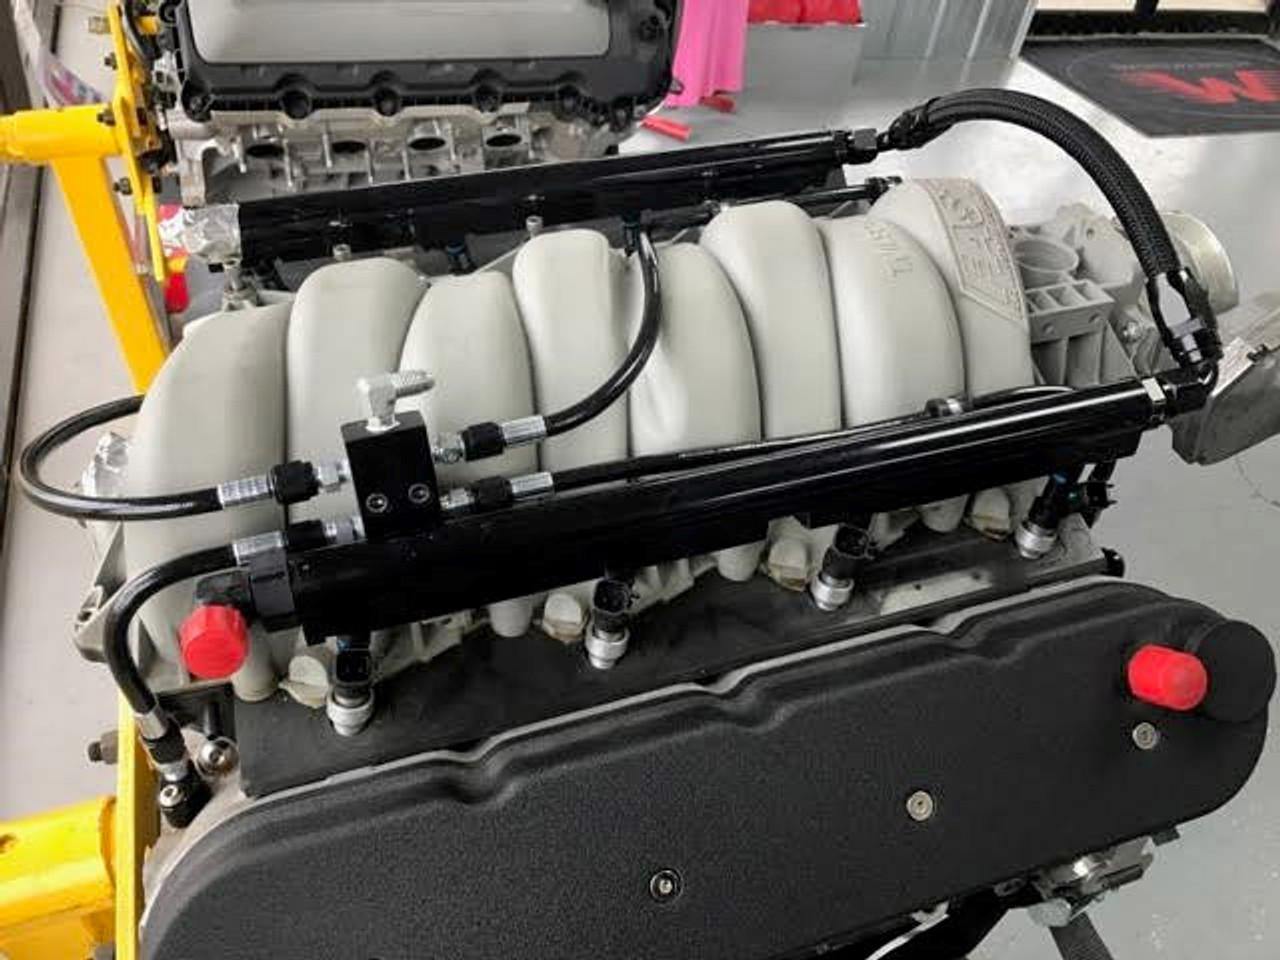 LS6 LS1 LS7 Coolant Crossover Steam Vent Kit LS3 LS9 LS2